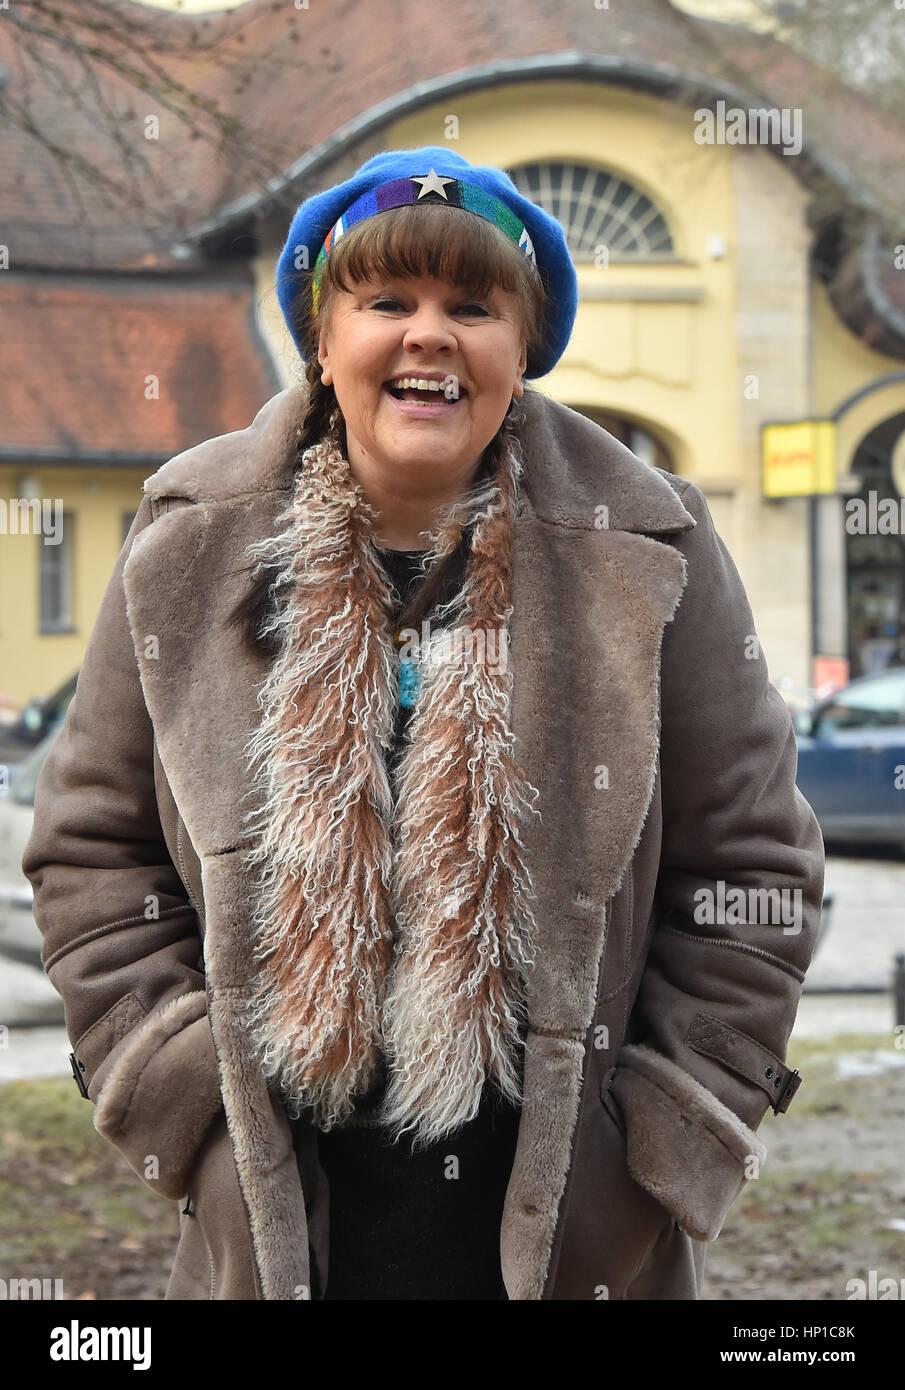 Berlin, Allemagne. 10 fév, 2017. La RDA Schlager singer Chris Doerk, photographié à Berlin, Allemagne, 10 février Banque D'Images